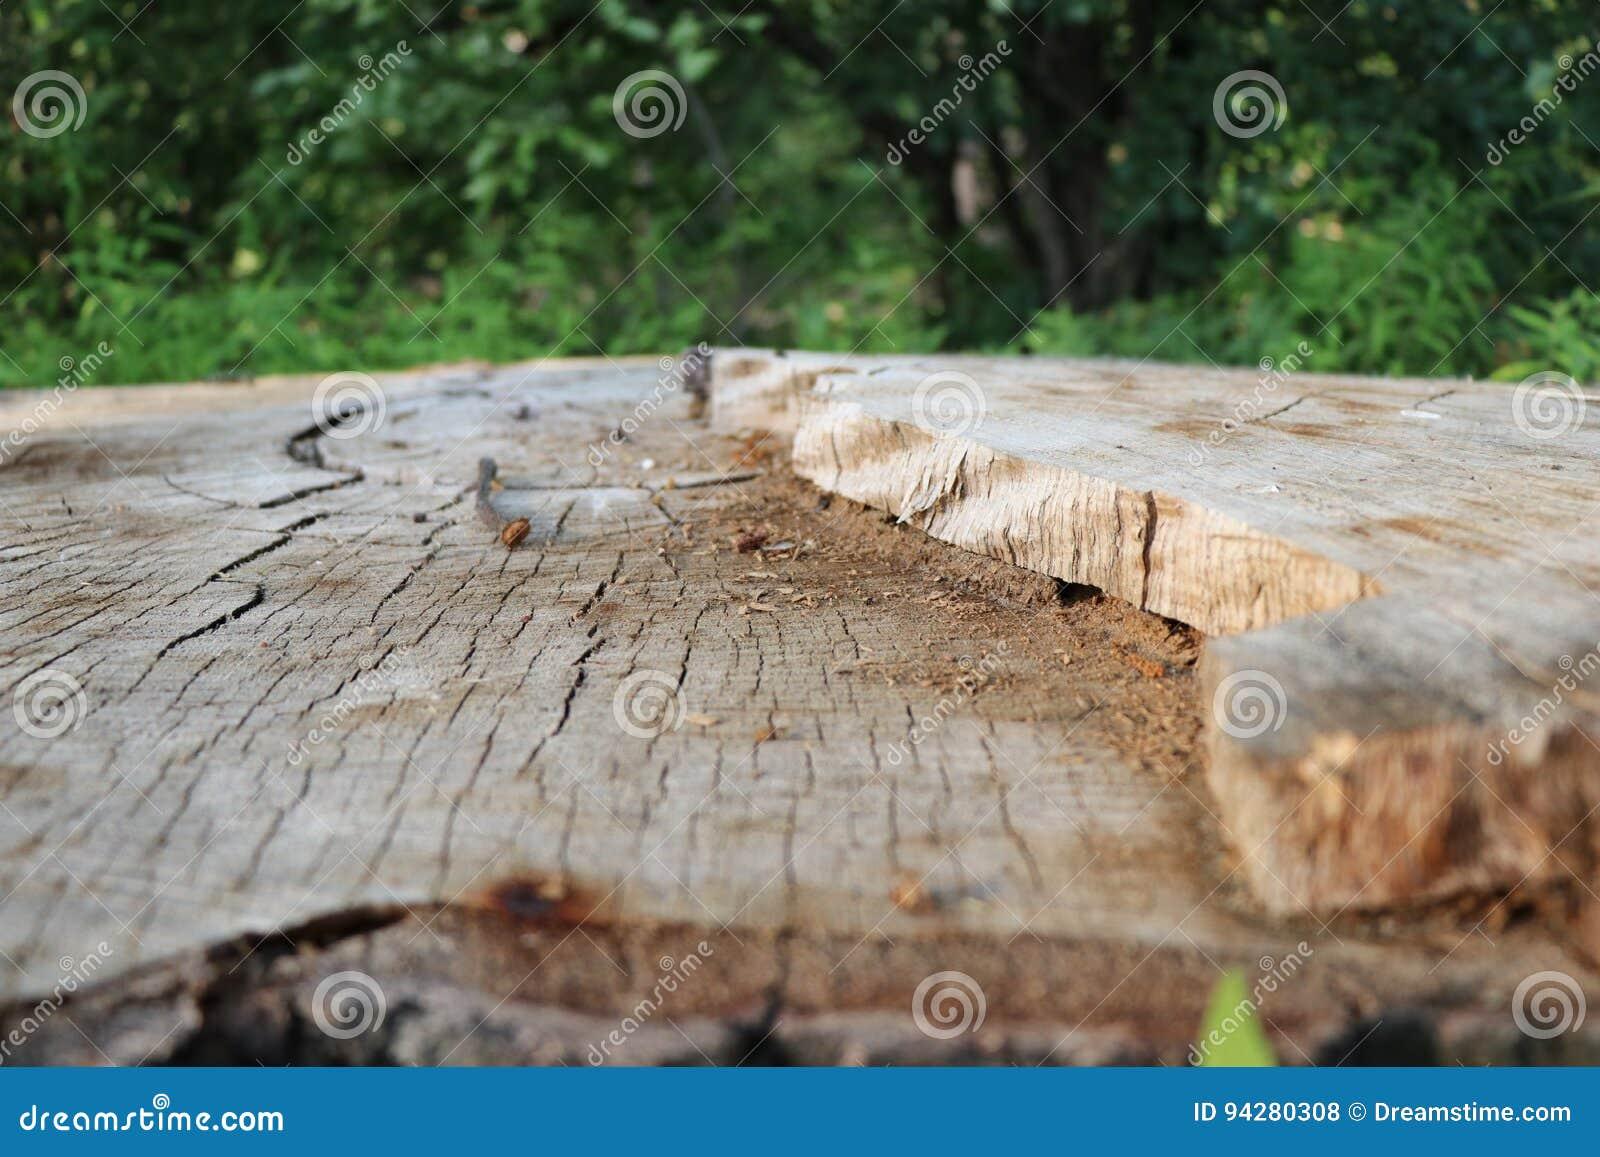 Tronçon d arbre